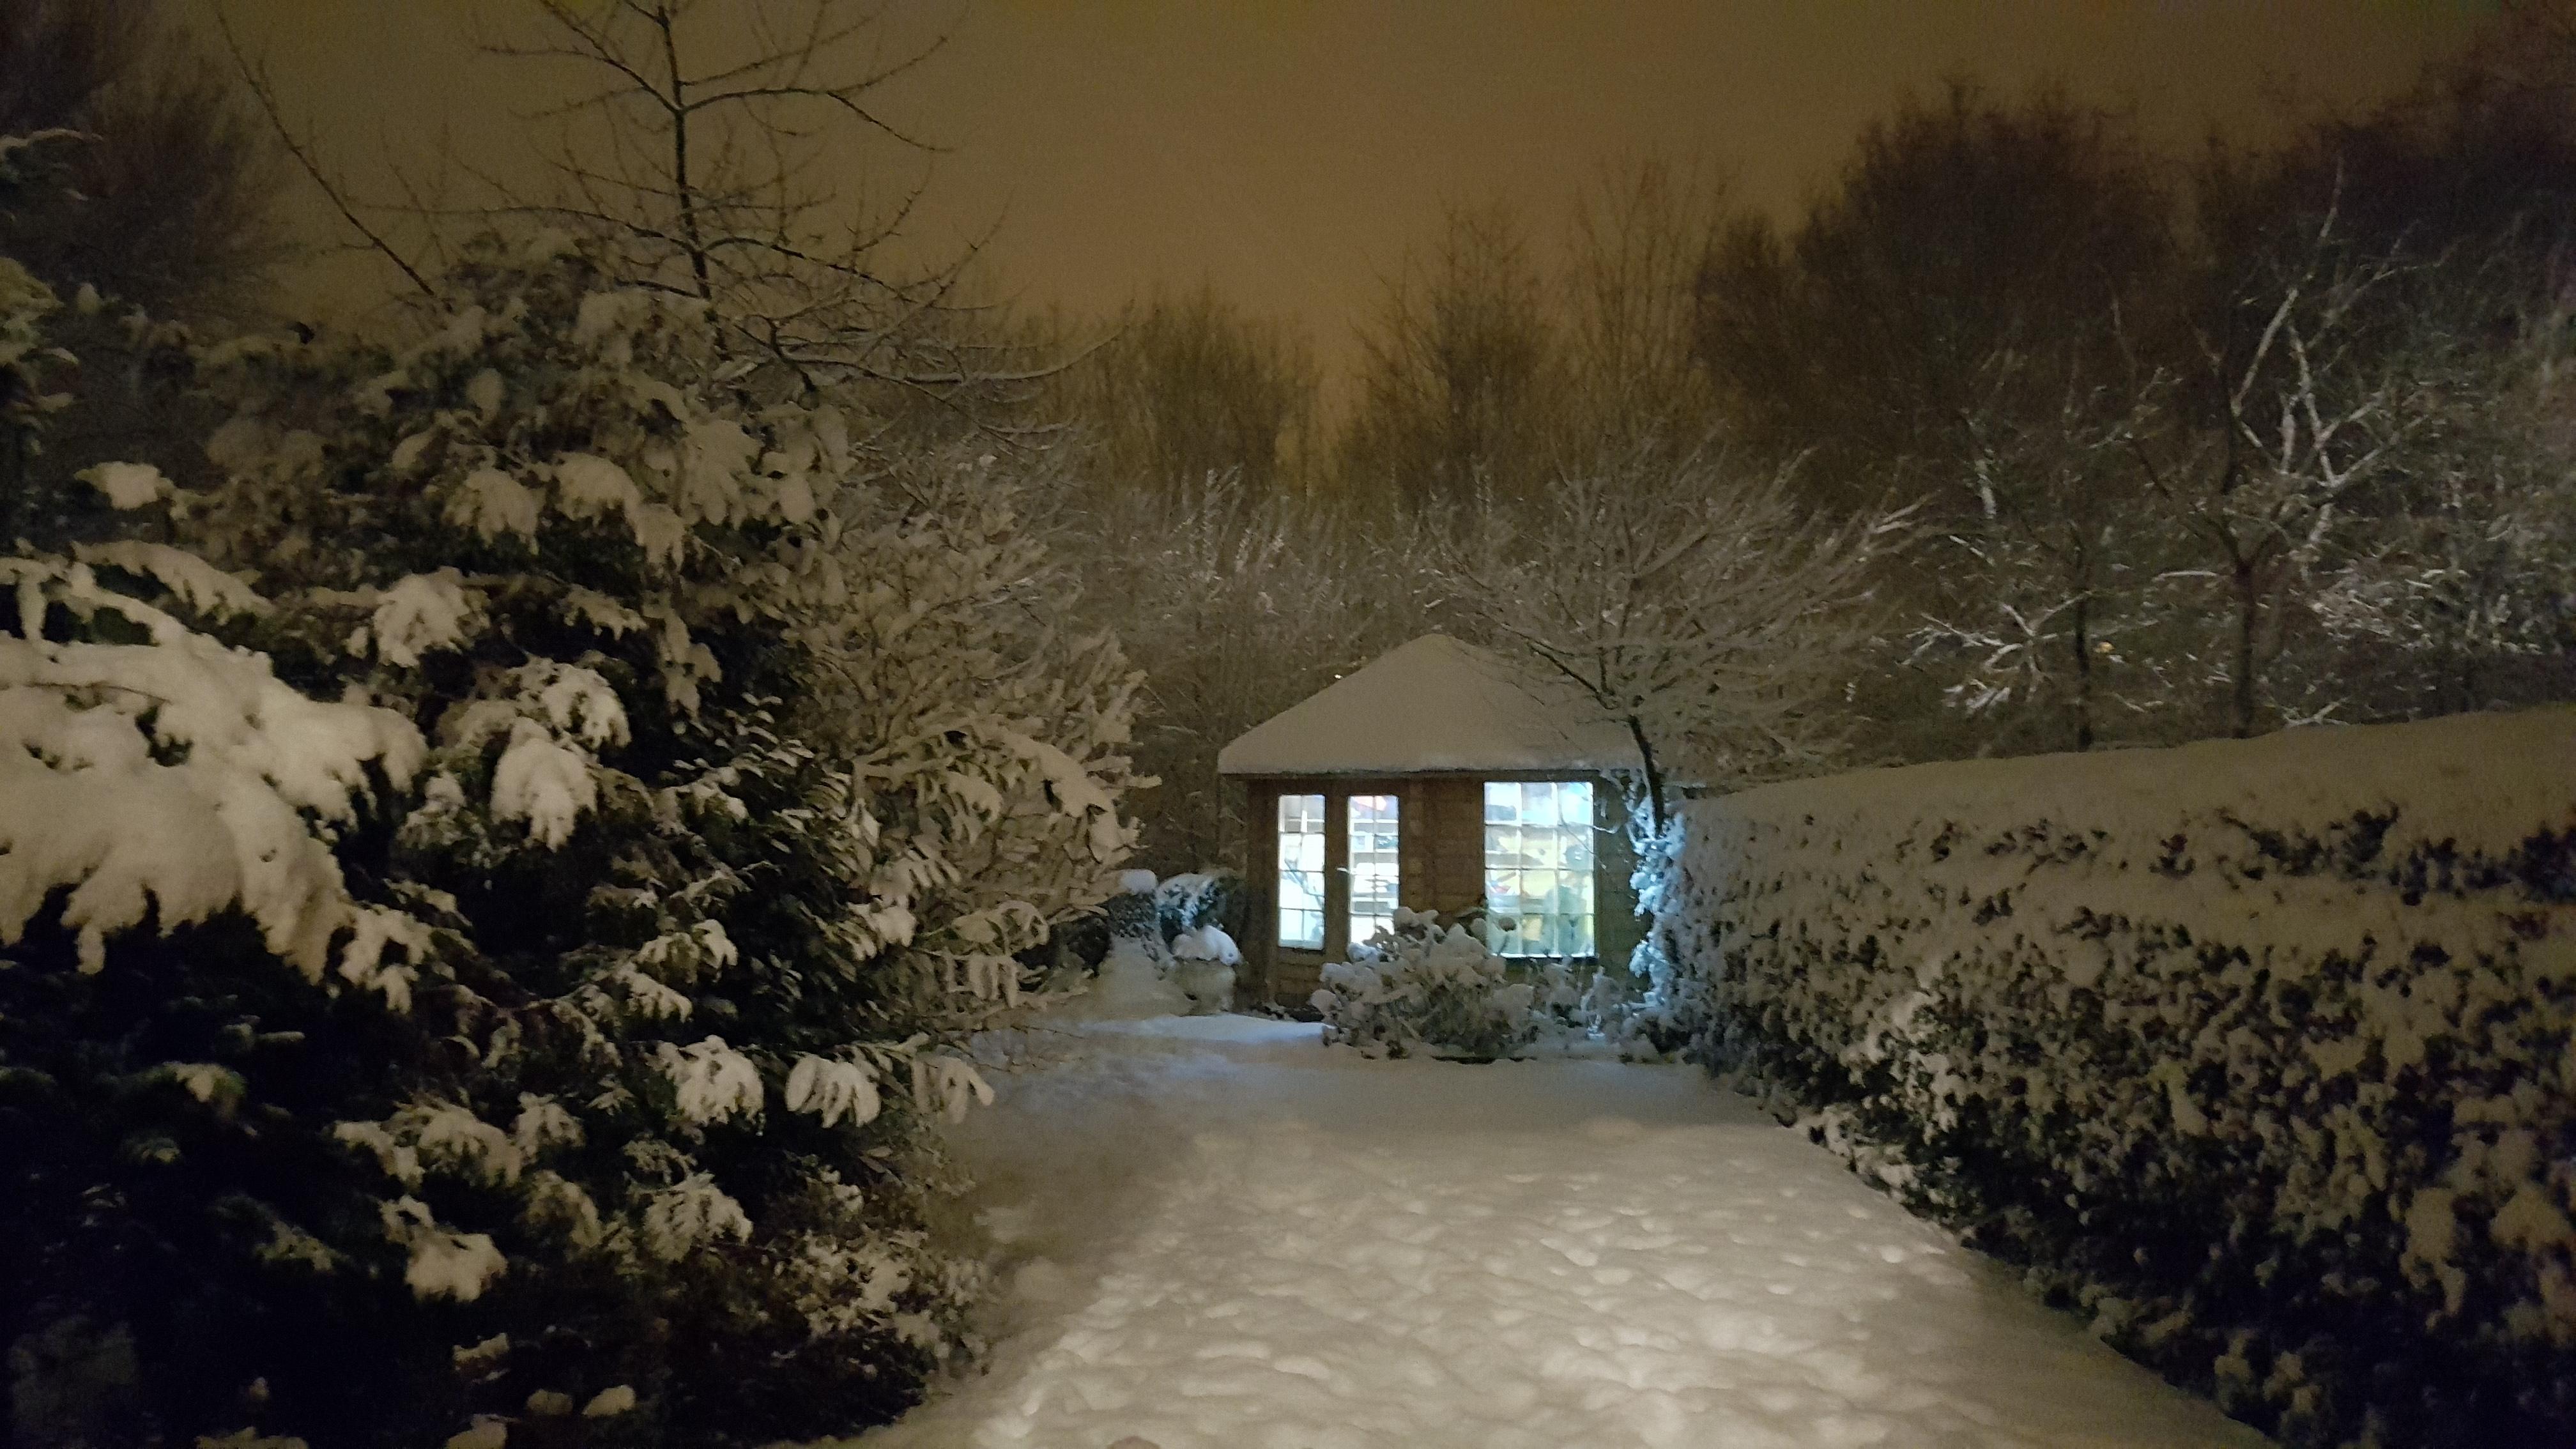 Fotos Gratis Casa Jard 237 N Nieve Invierno Noche